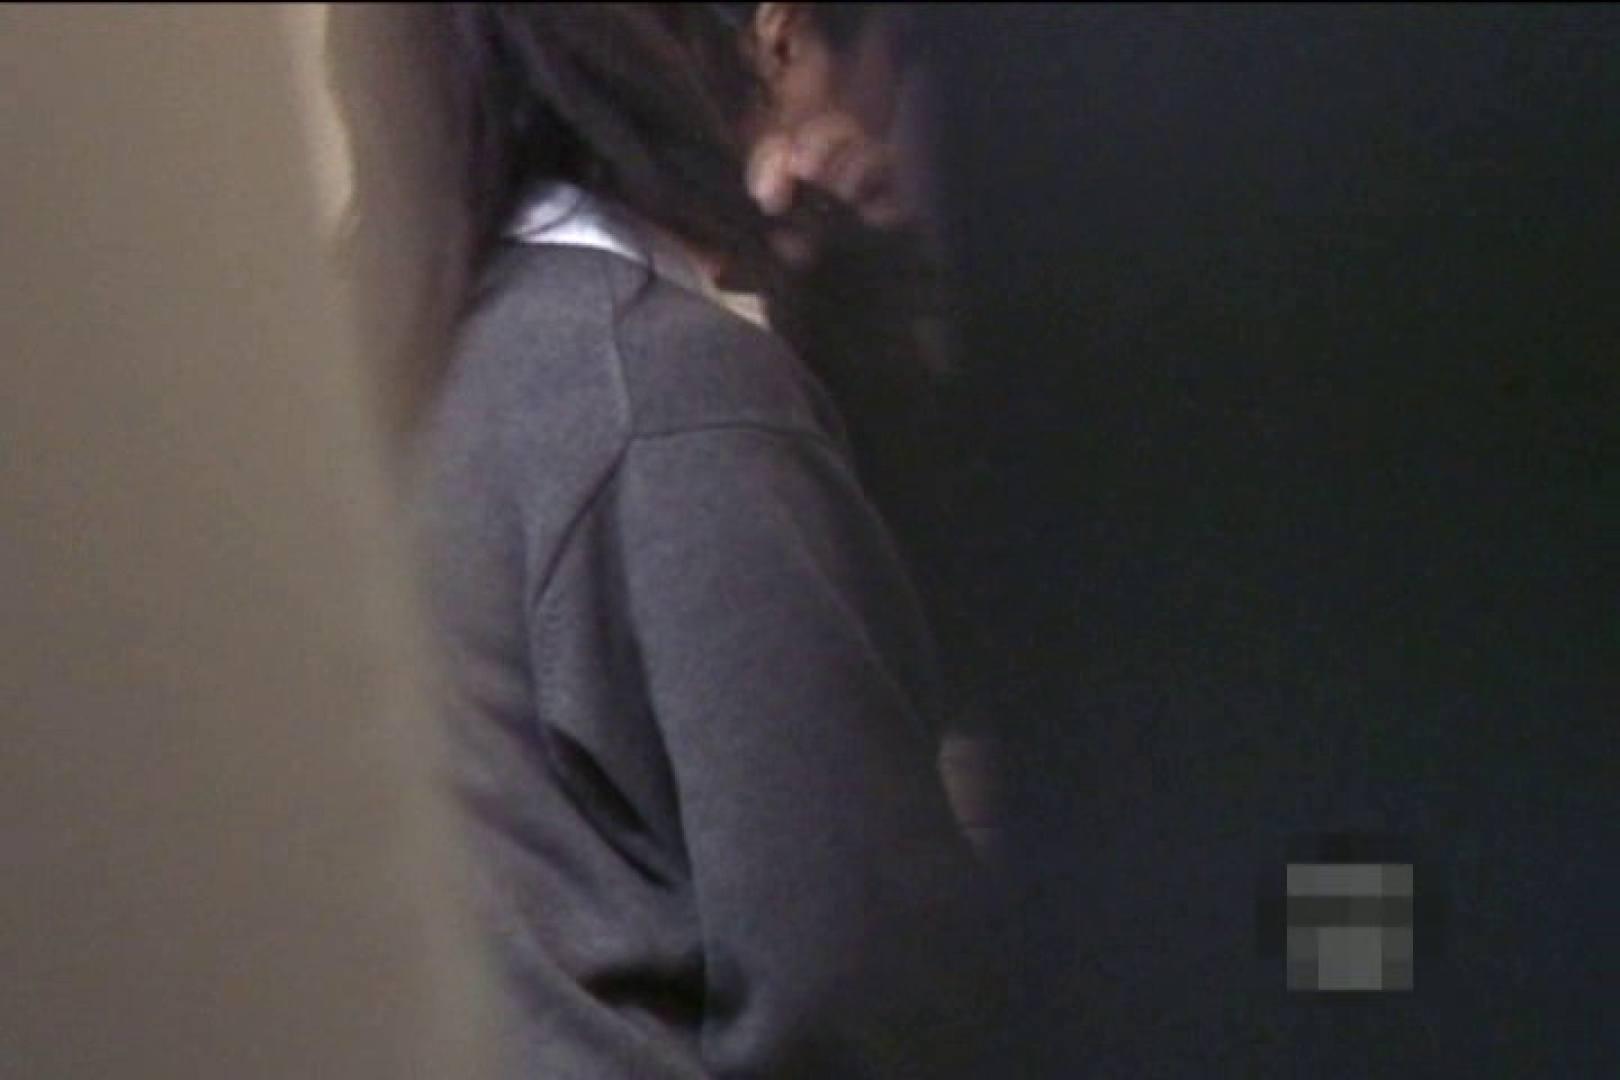 逆噴射病院 肛門科Vol.3 濃厚セックス おまんこ動画流出 51PICs 38